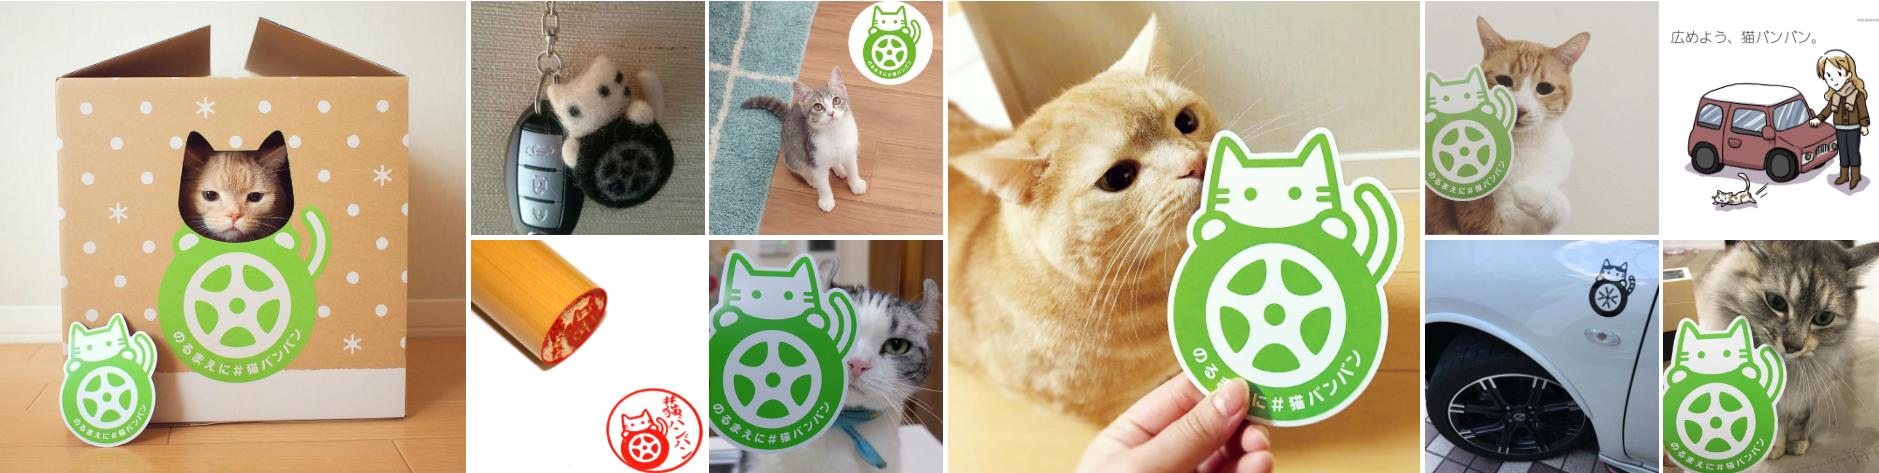 猫バンバン画像